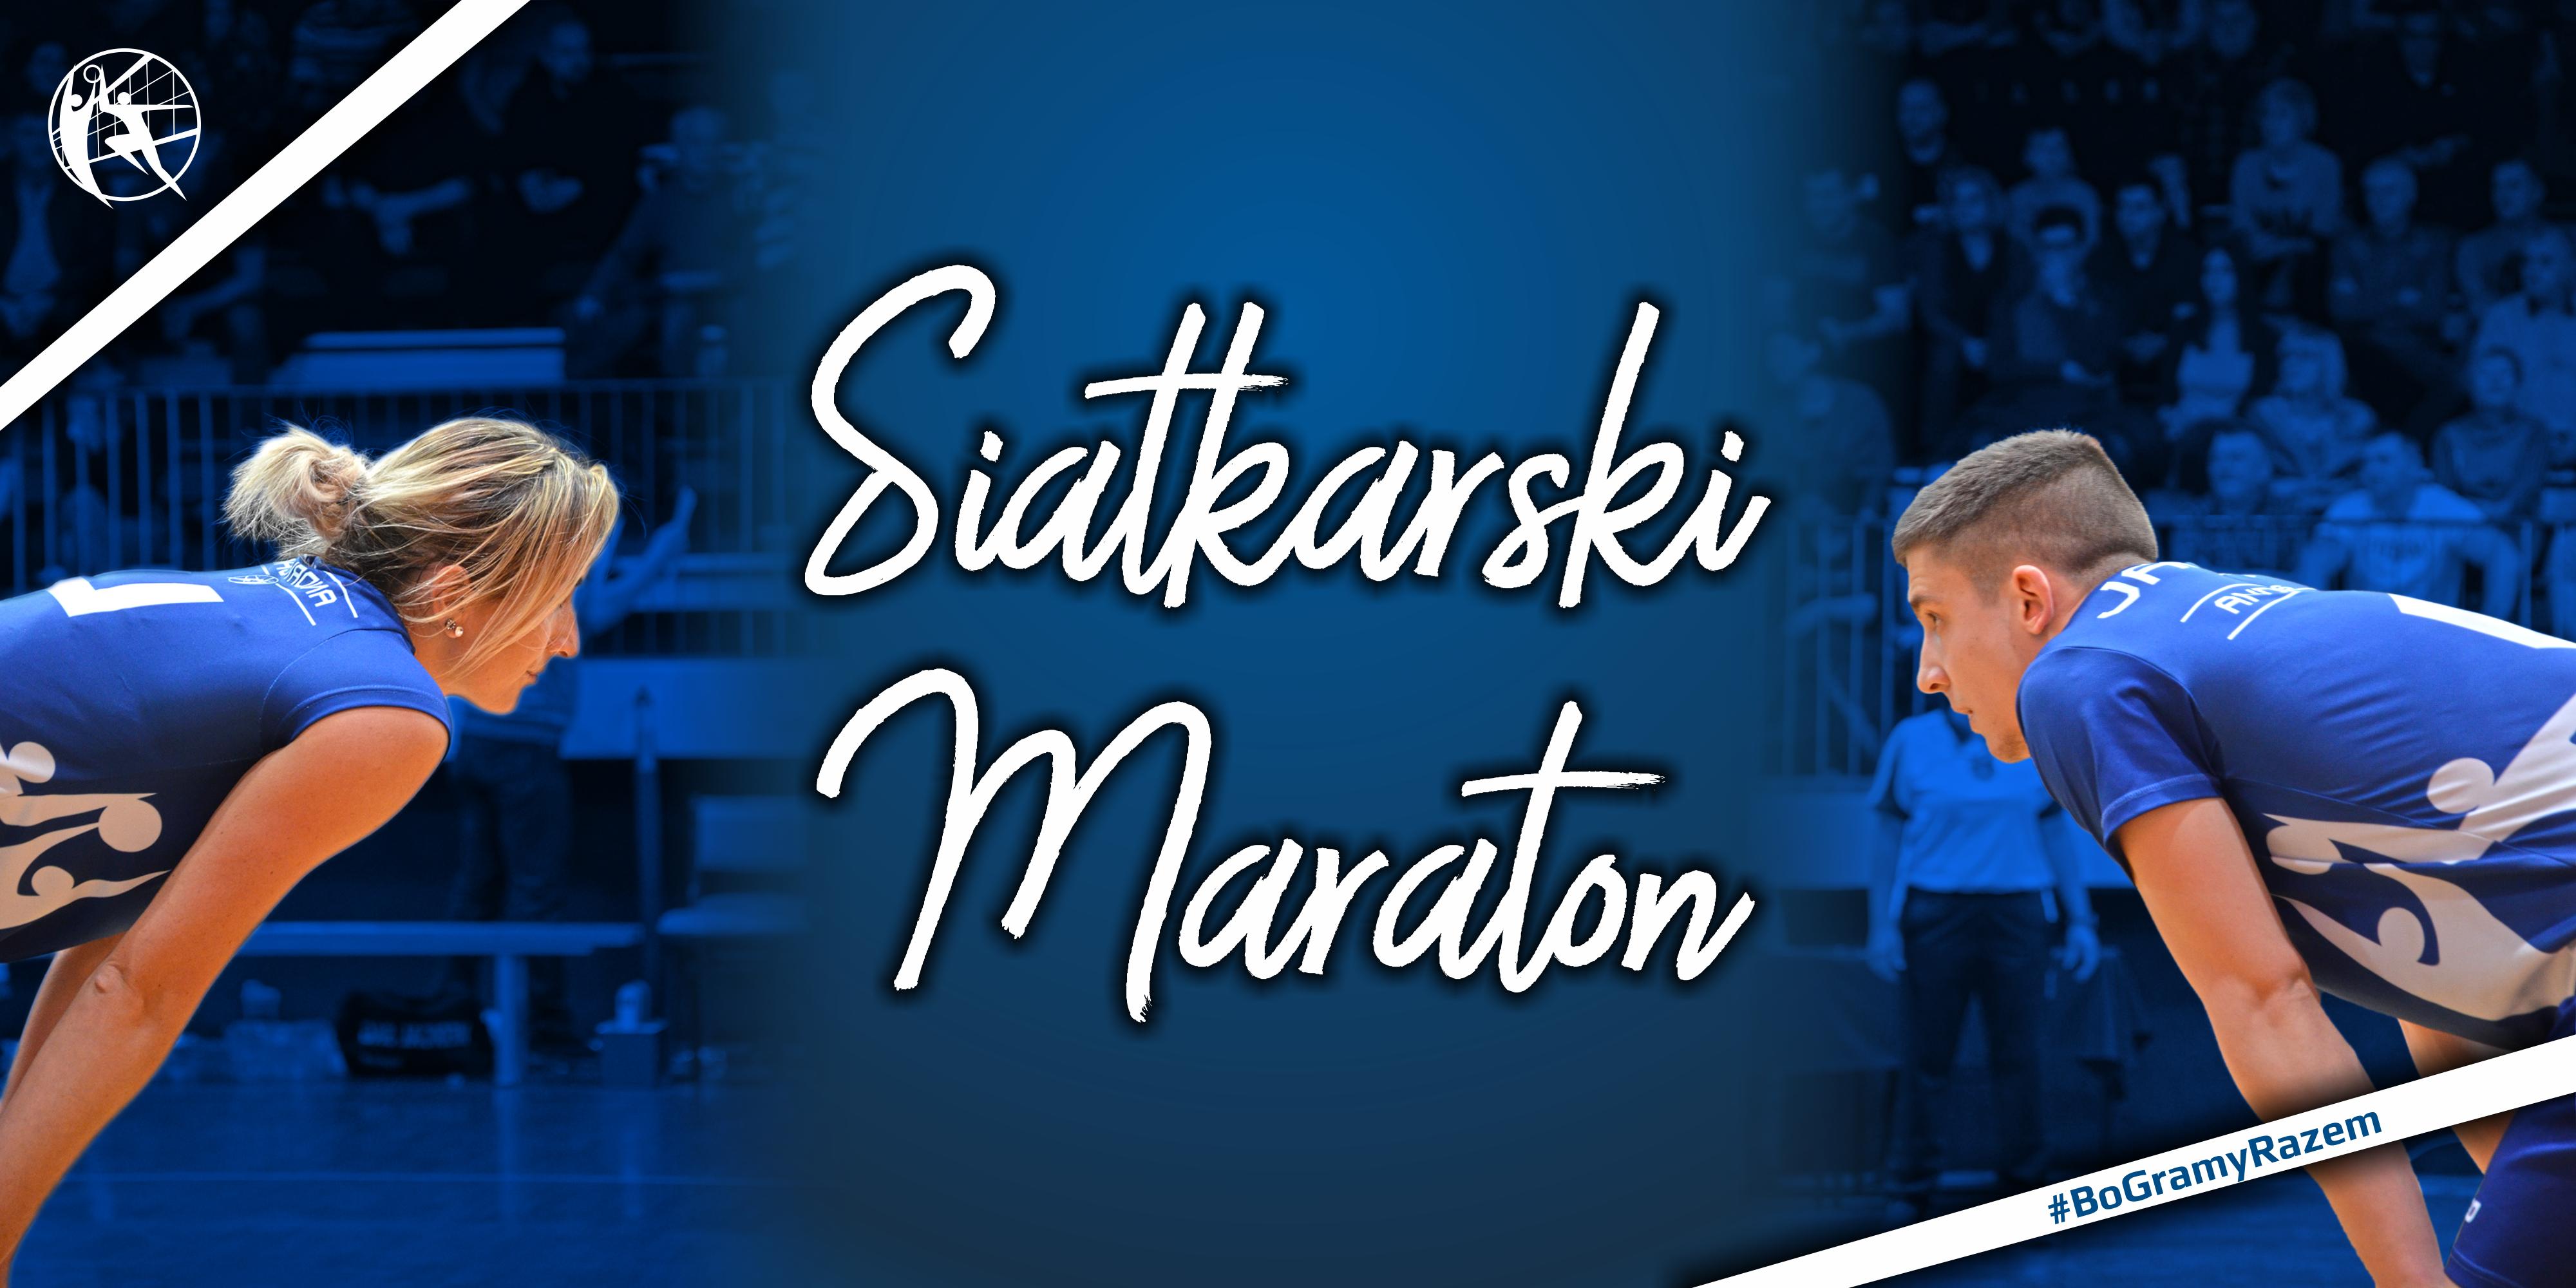 W weekend kibiców czeka siatkarski maraton. Będzie można także pomóc choremu chłopczykowi